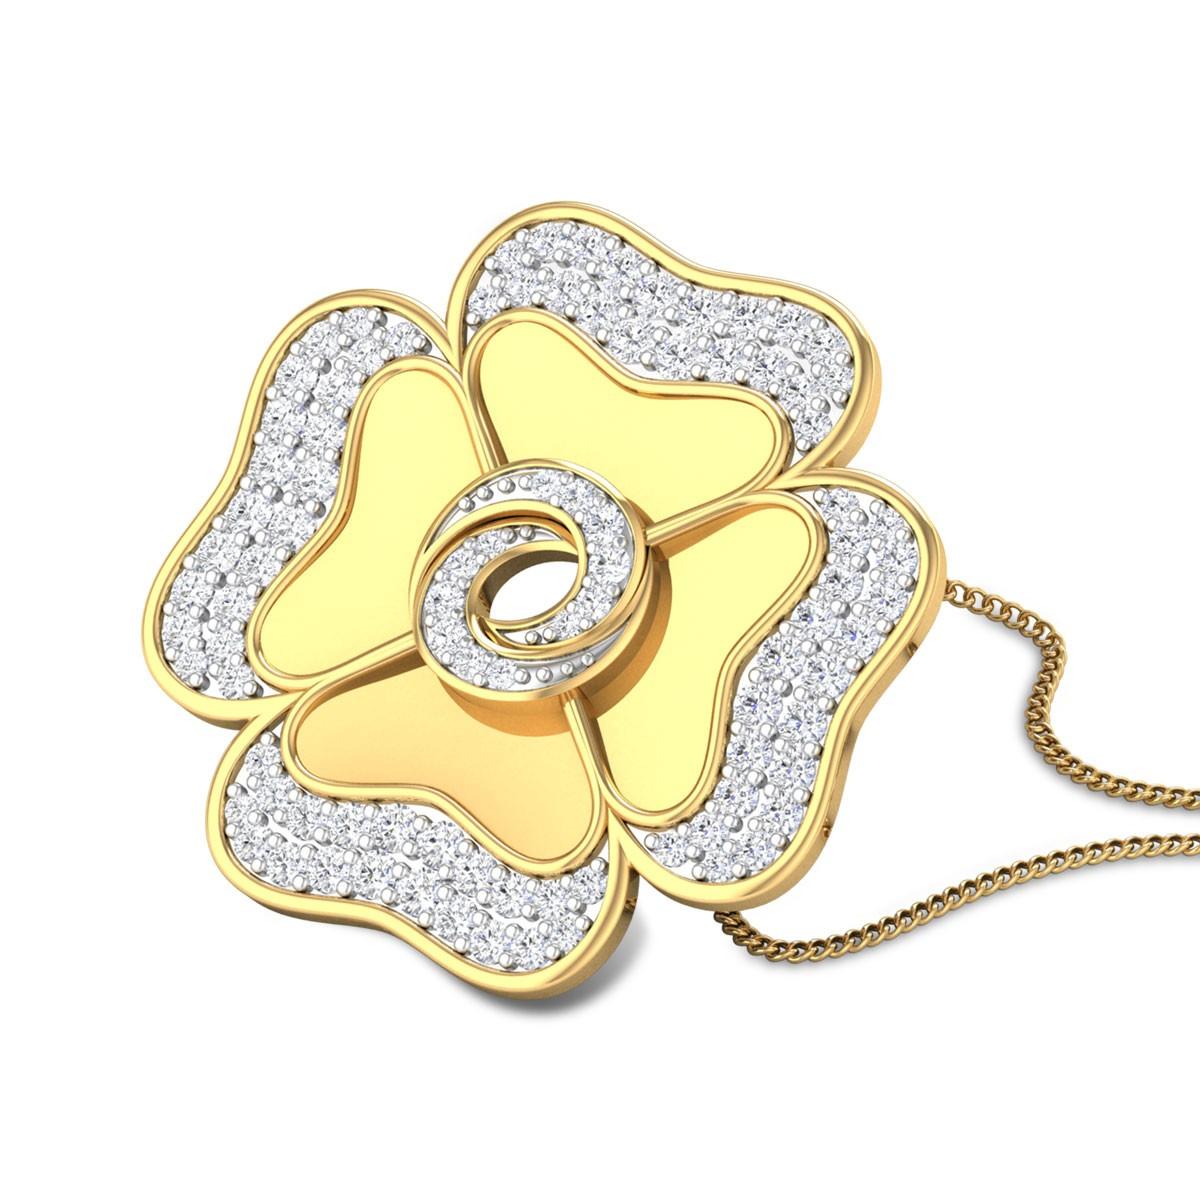 Cloverleaf Diamond Pendant